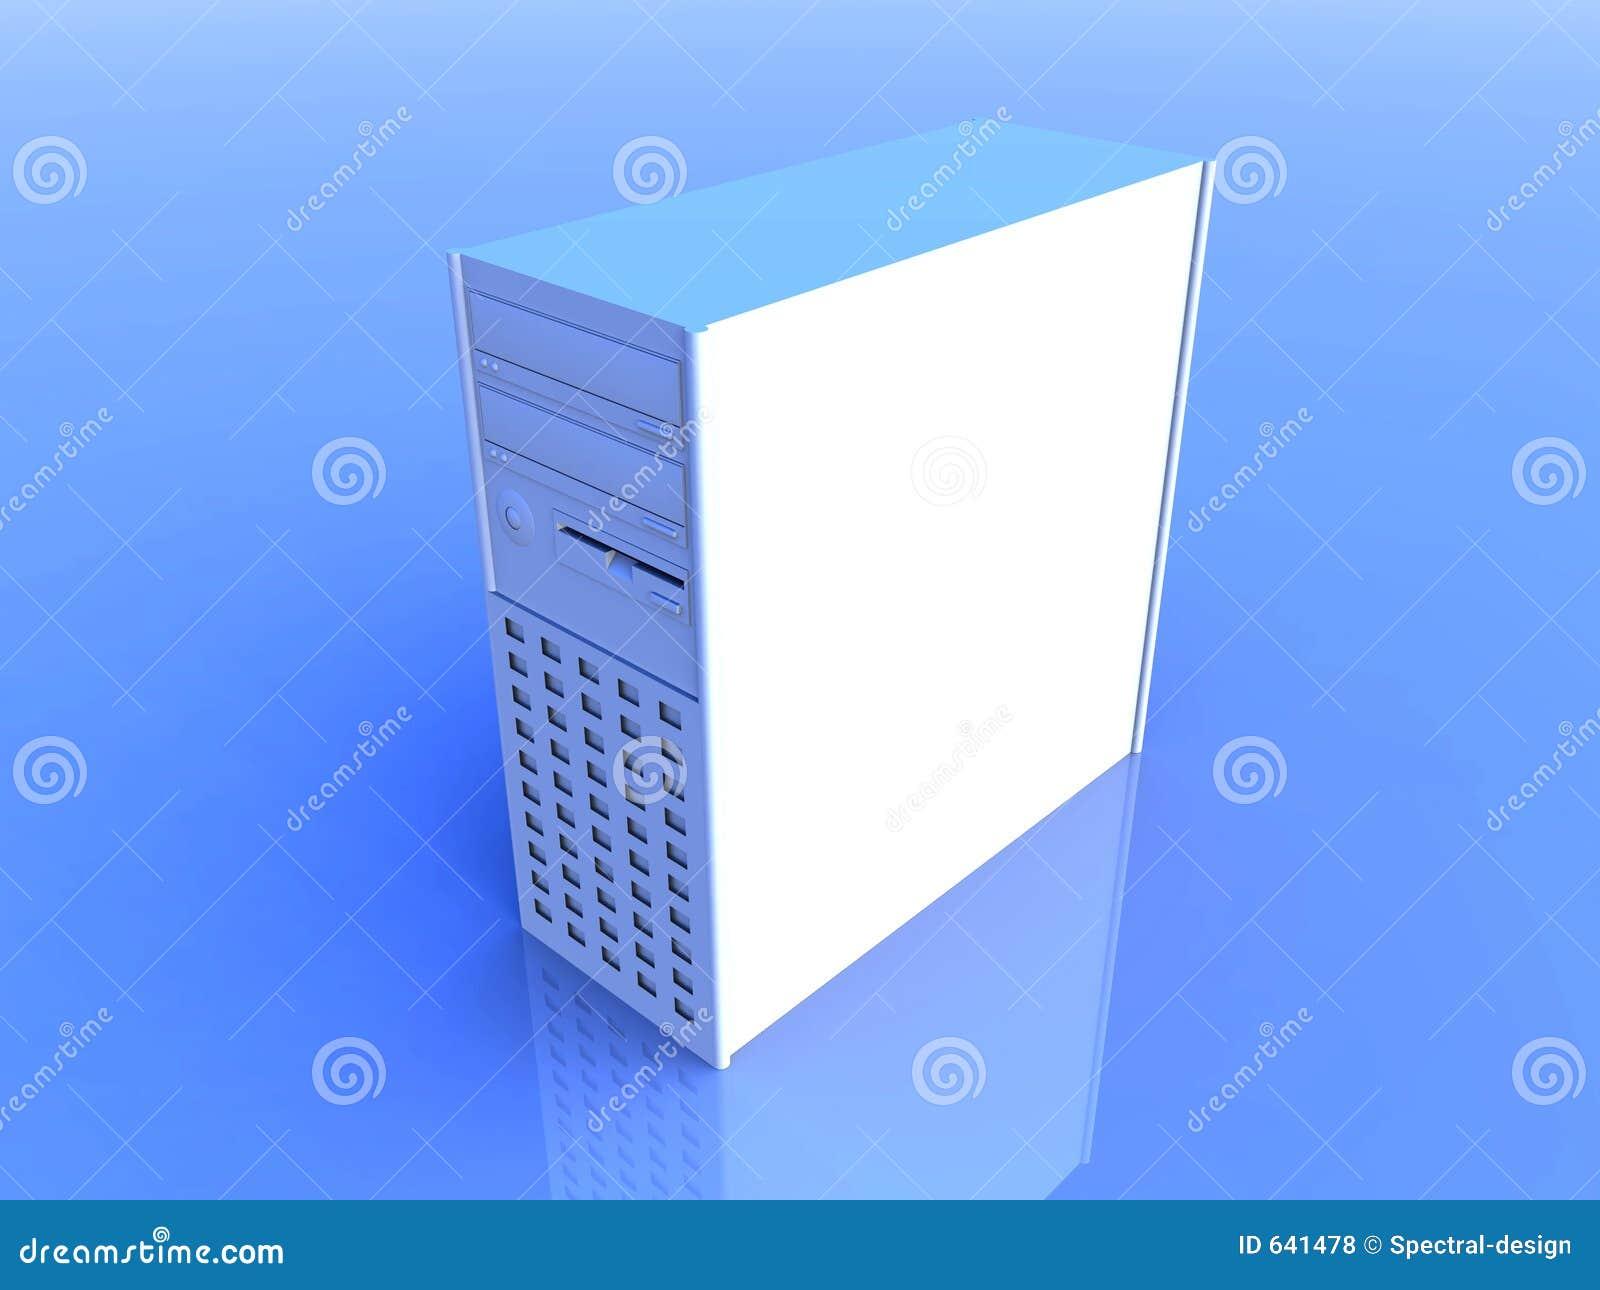 tour d 39 ordinateur bleu illustration stock illustration du dessins 641478. Black Bedroom Furniture Sets. Home Design Ideas